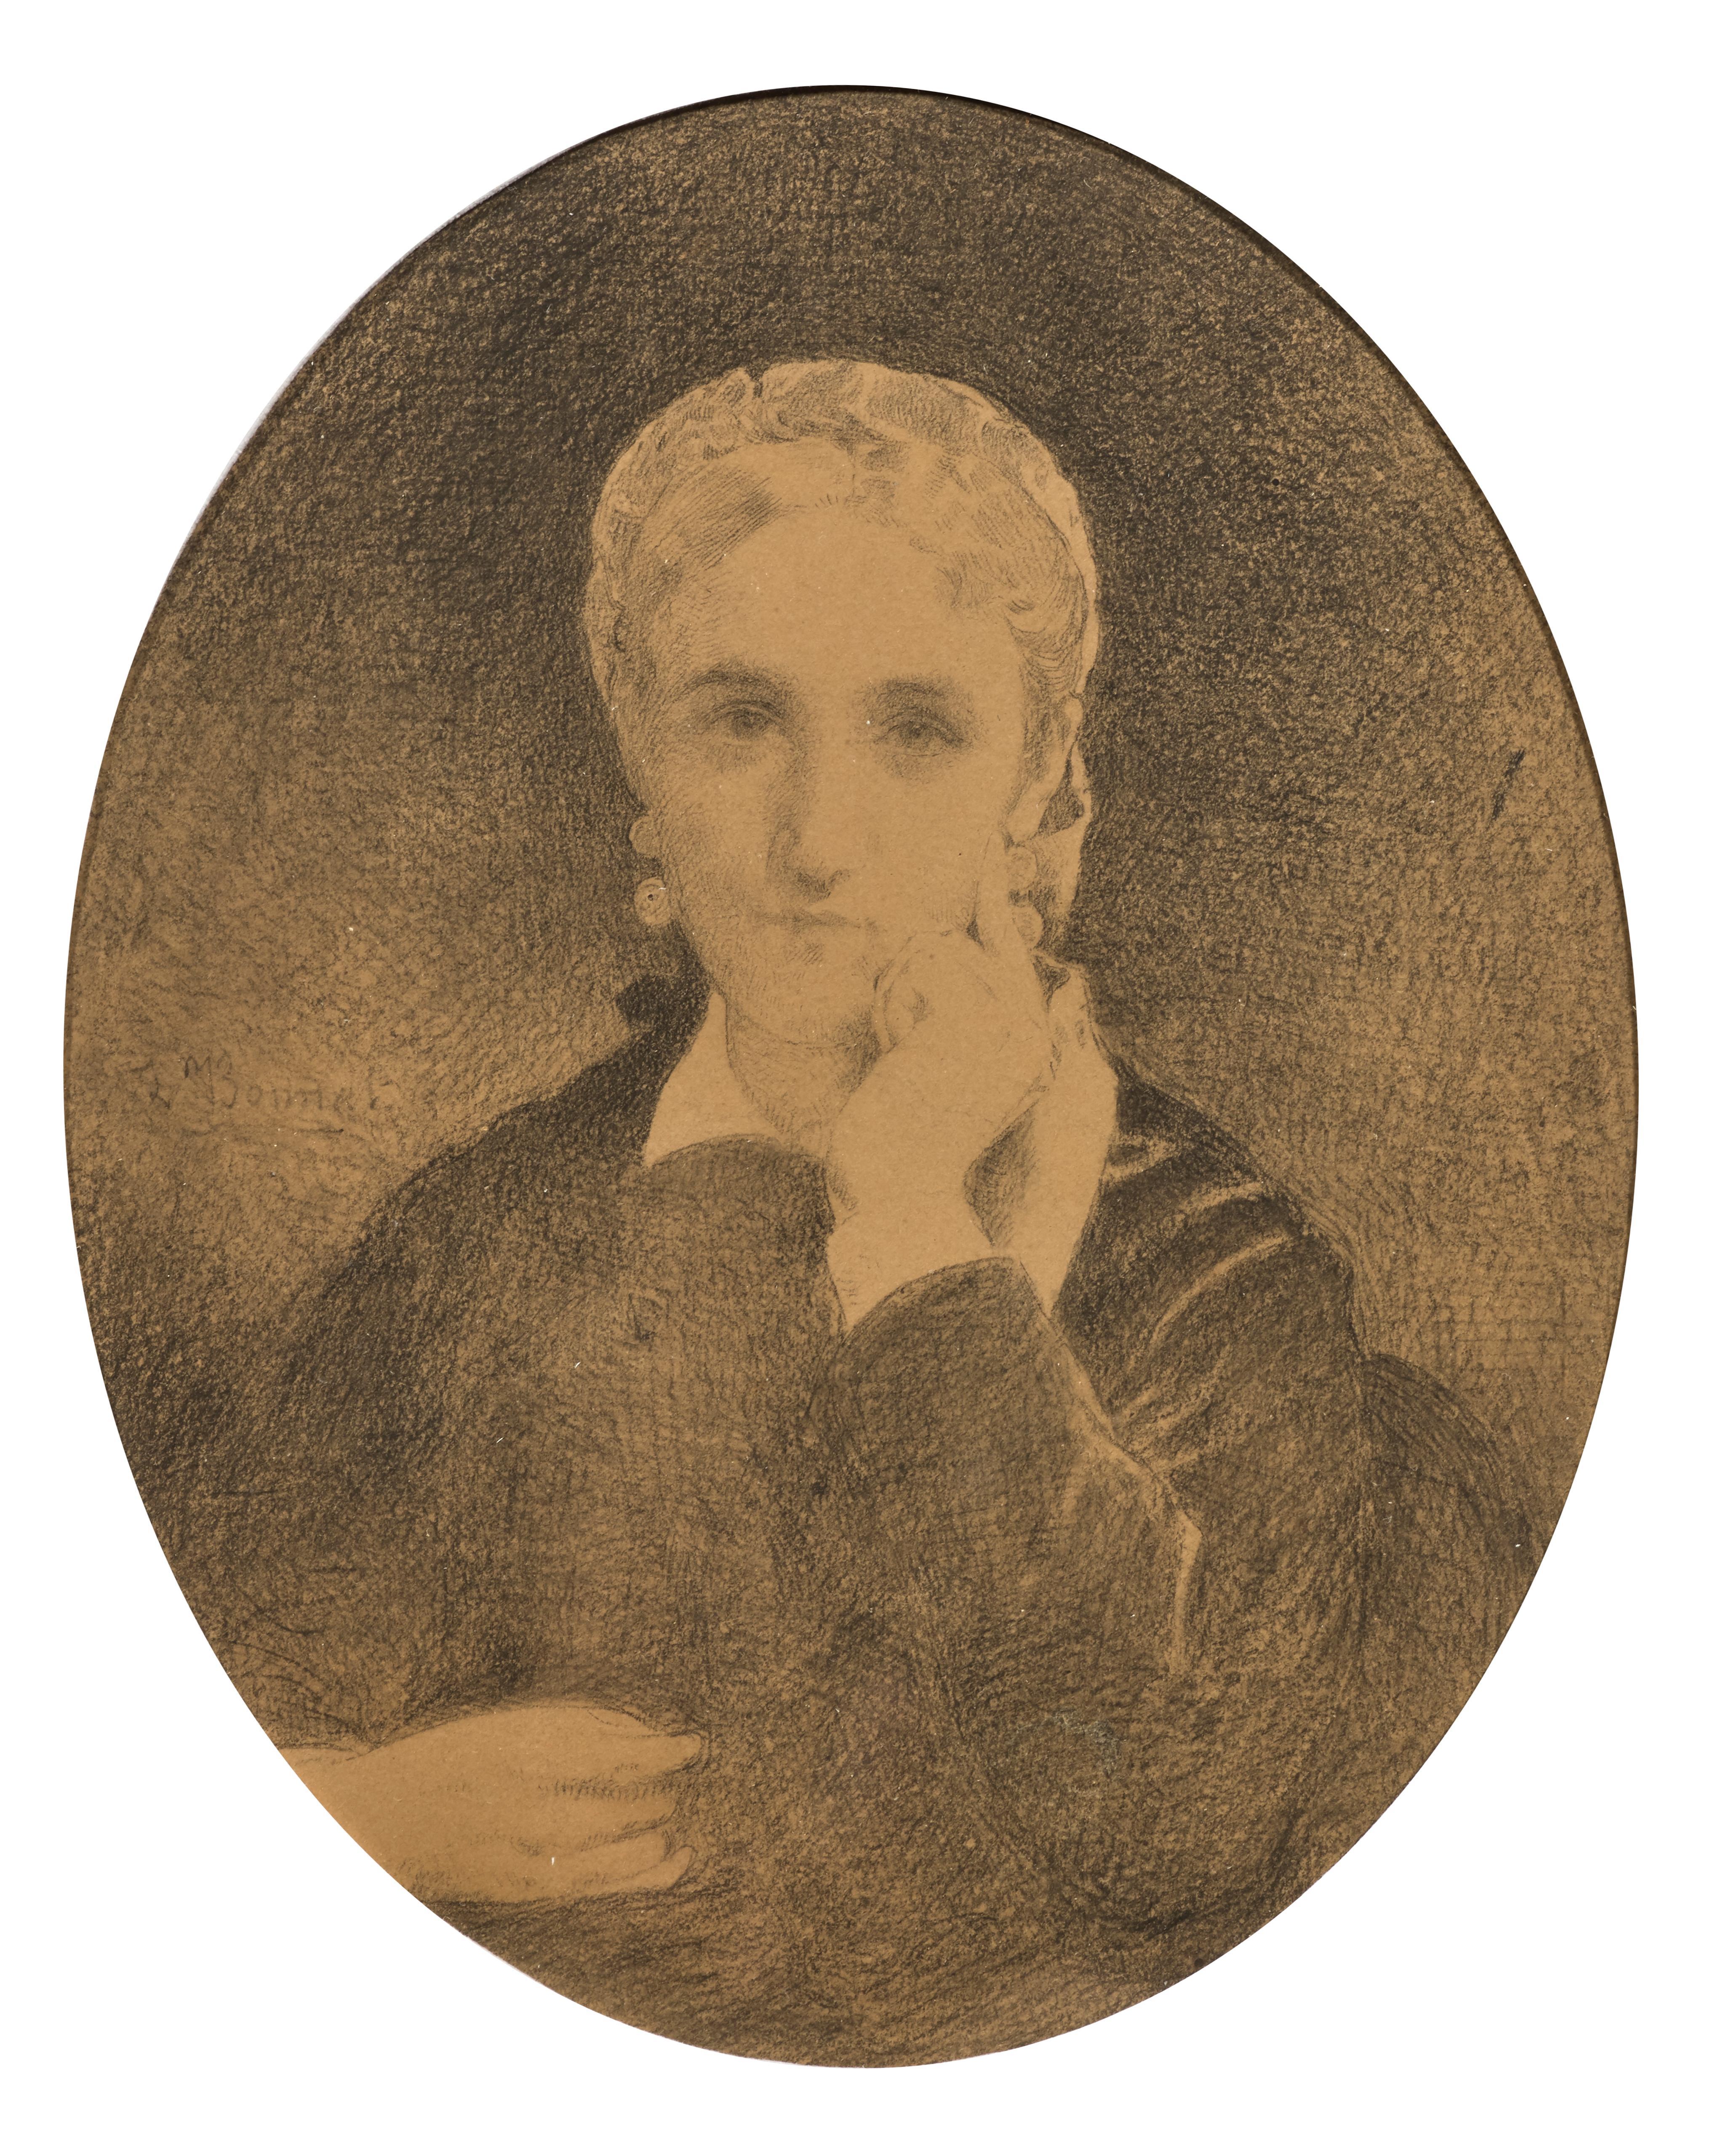 Portrait of a Melancholic Woman, a Drawing signed by Léon Bonnat